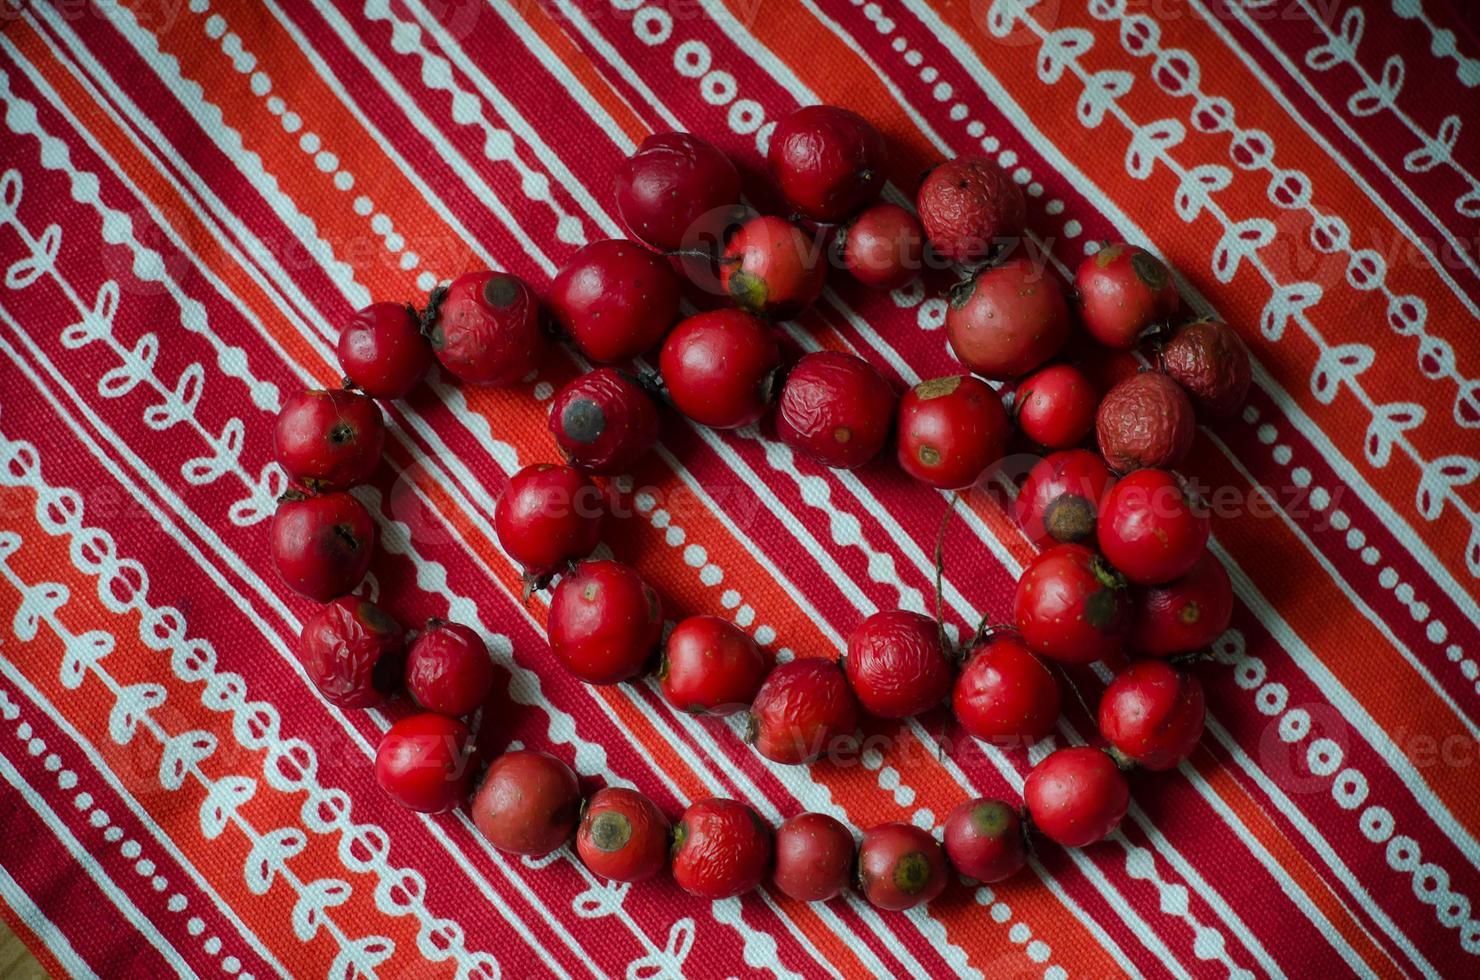 röda pärlor från hundrosbär foto